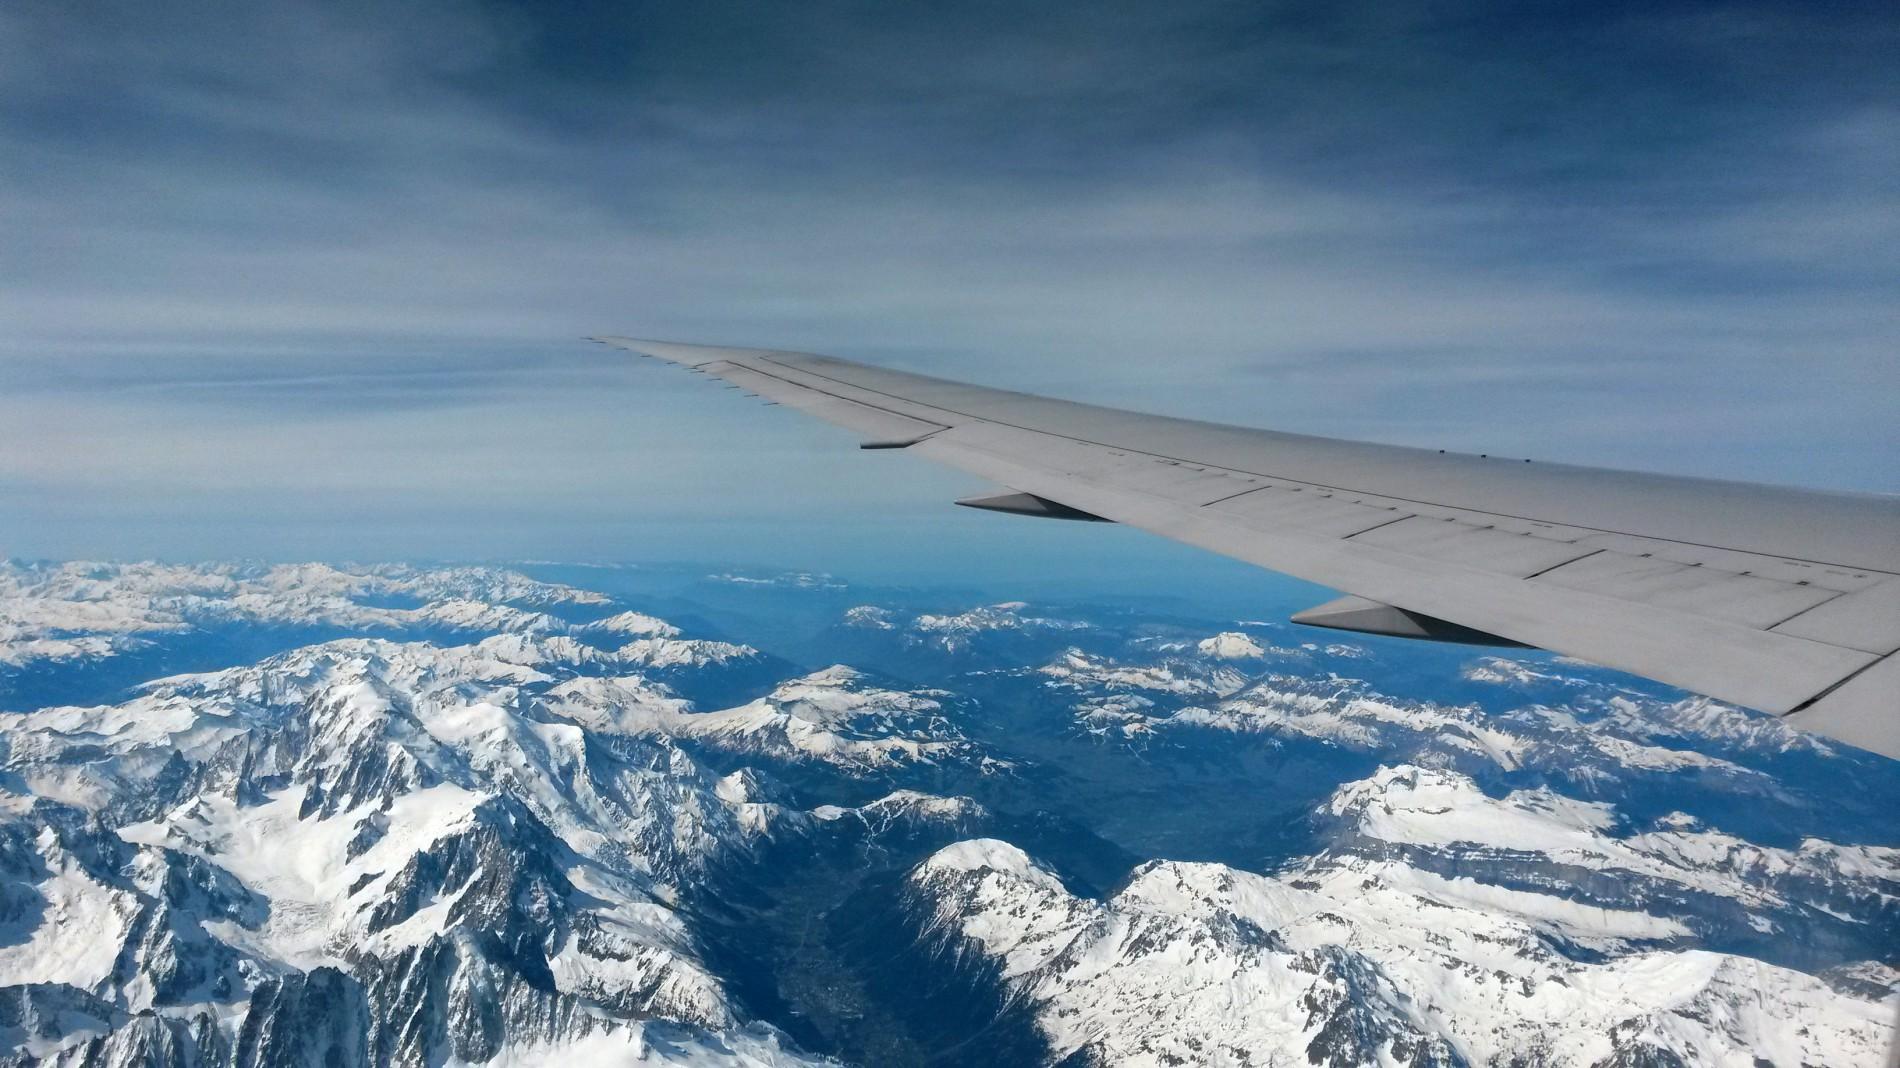 Foto-vom-Flugzeug-aus-mit-Sicht-auf-die-Alpen